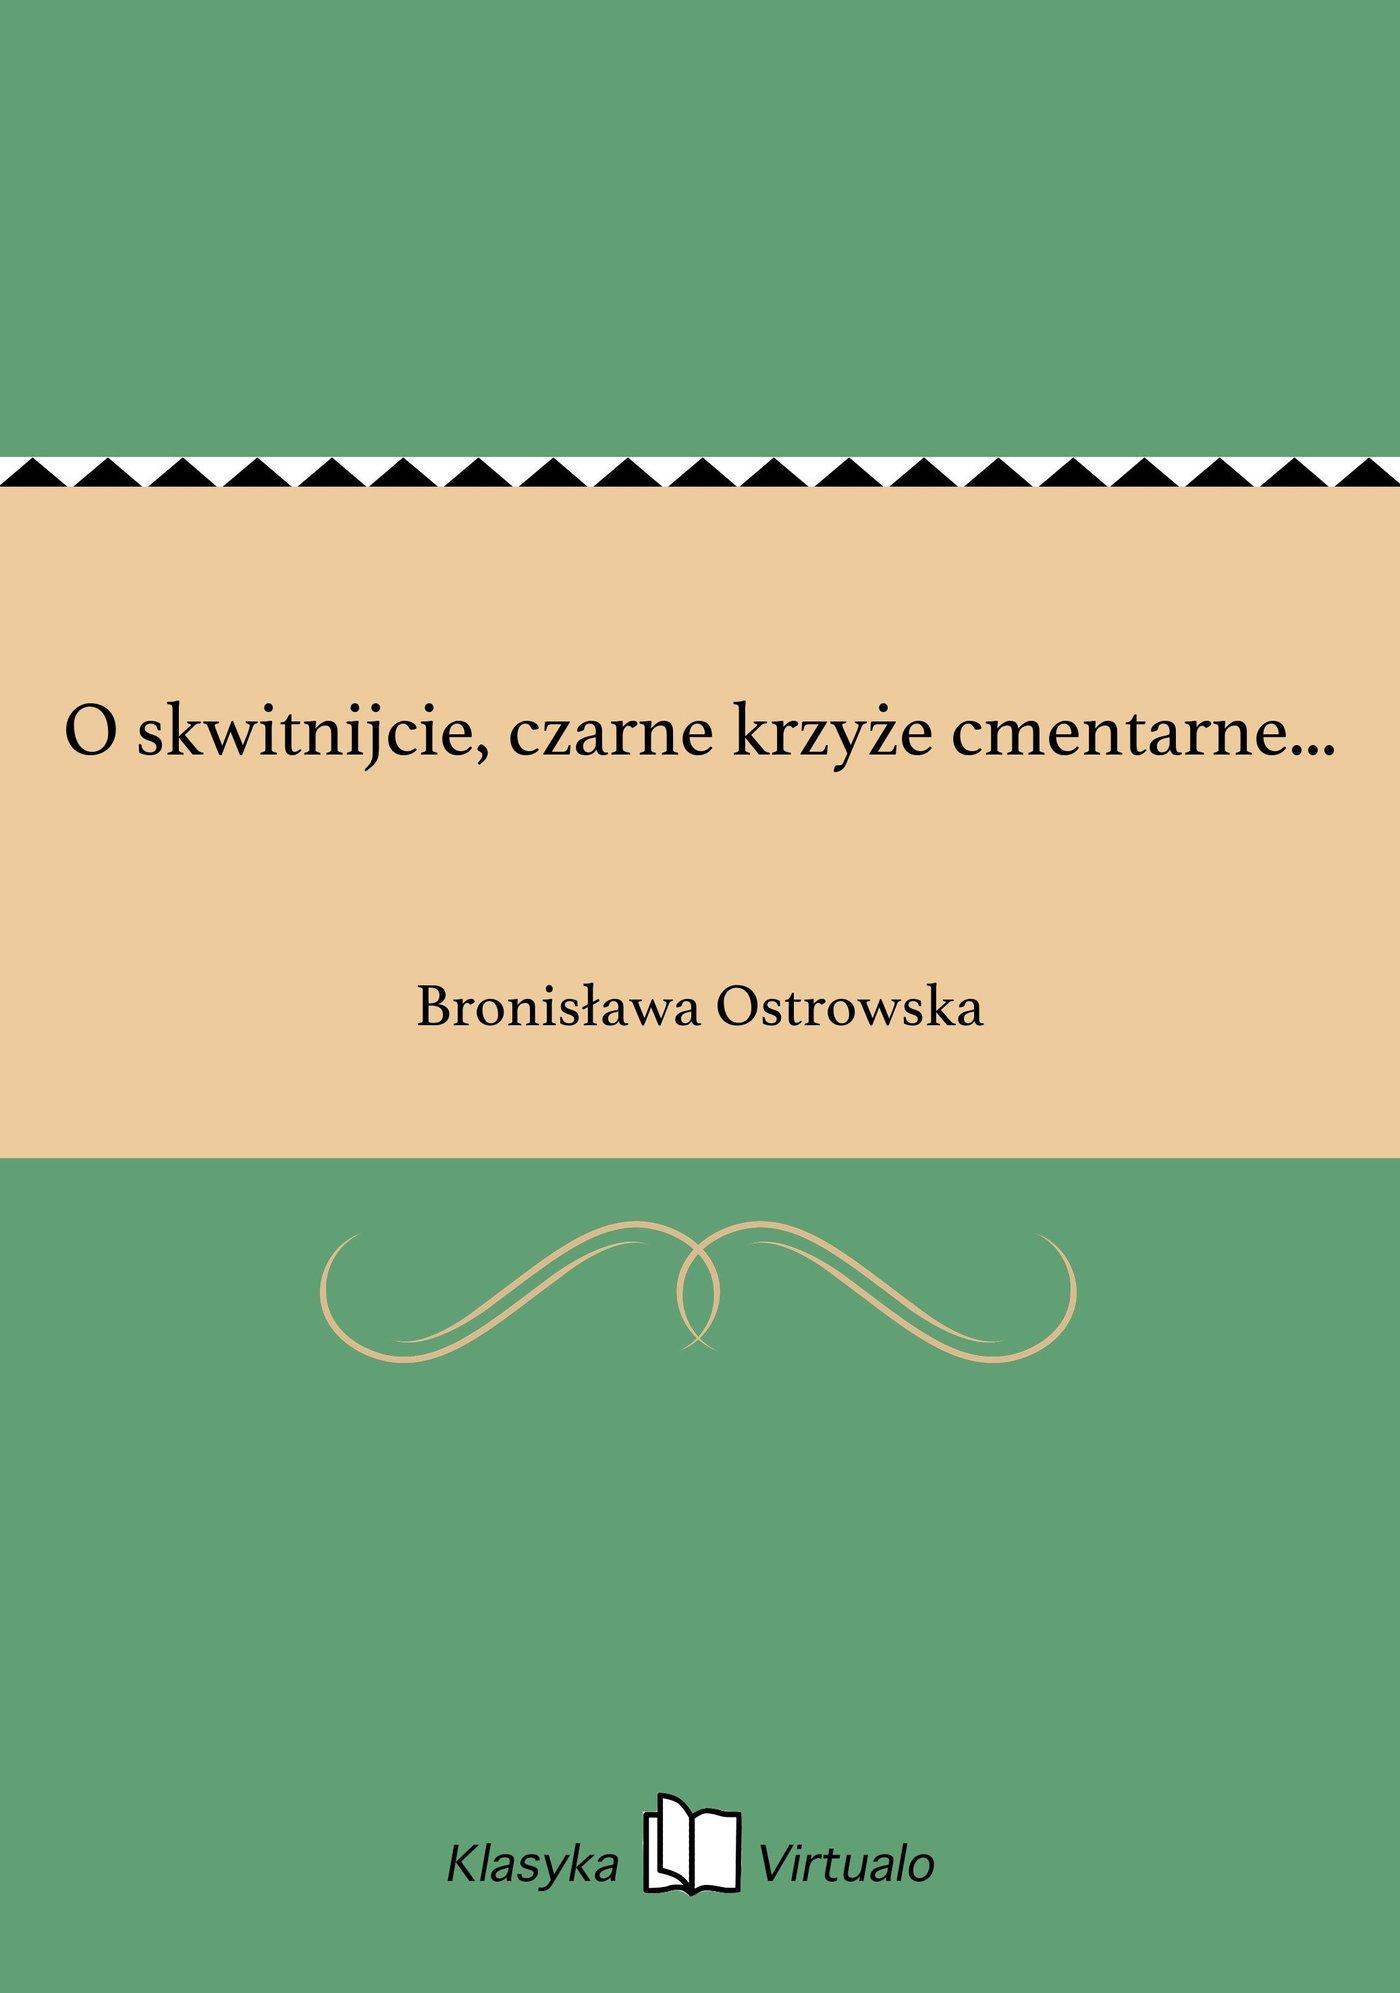 O skwitnijcie, czarne krzyże cmentarne... - Ebook (Książka EPUB) do pobrania w formacie EPUB